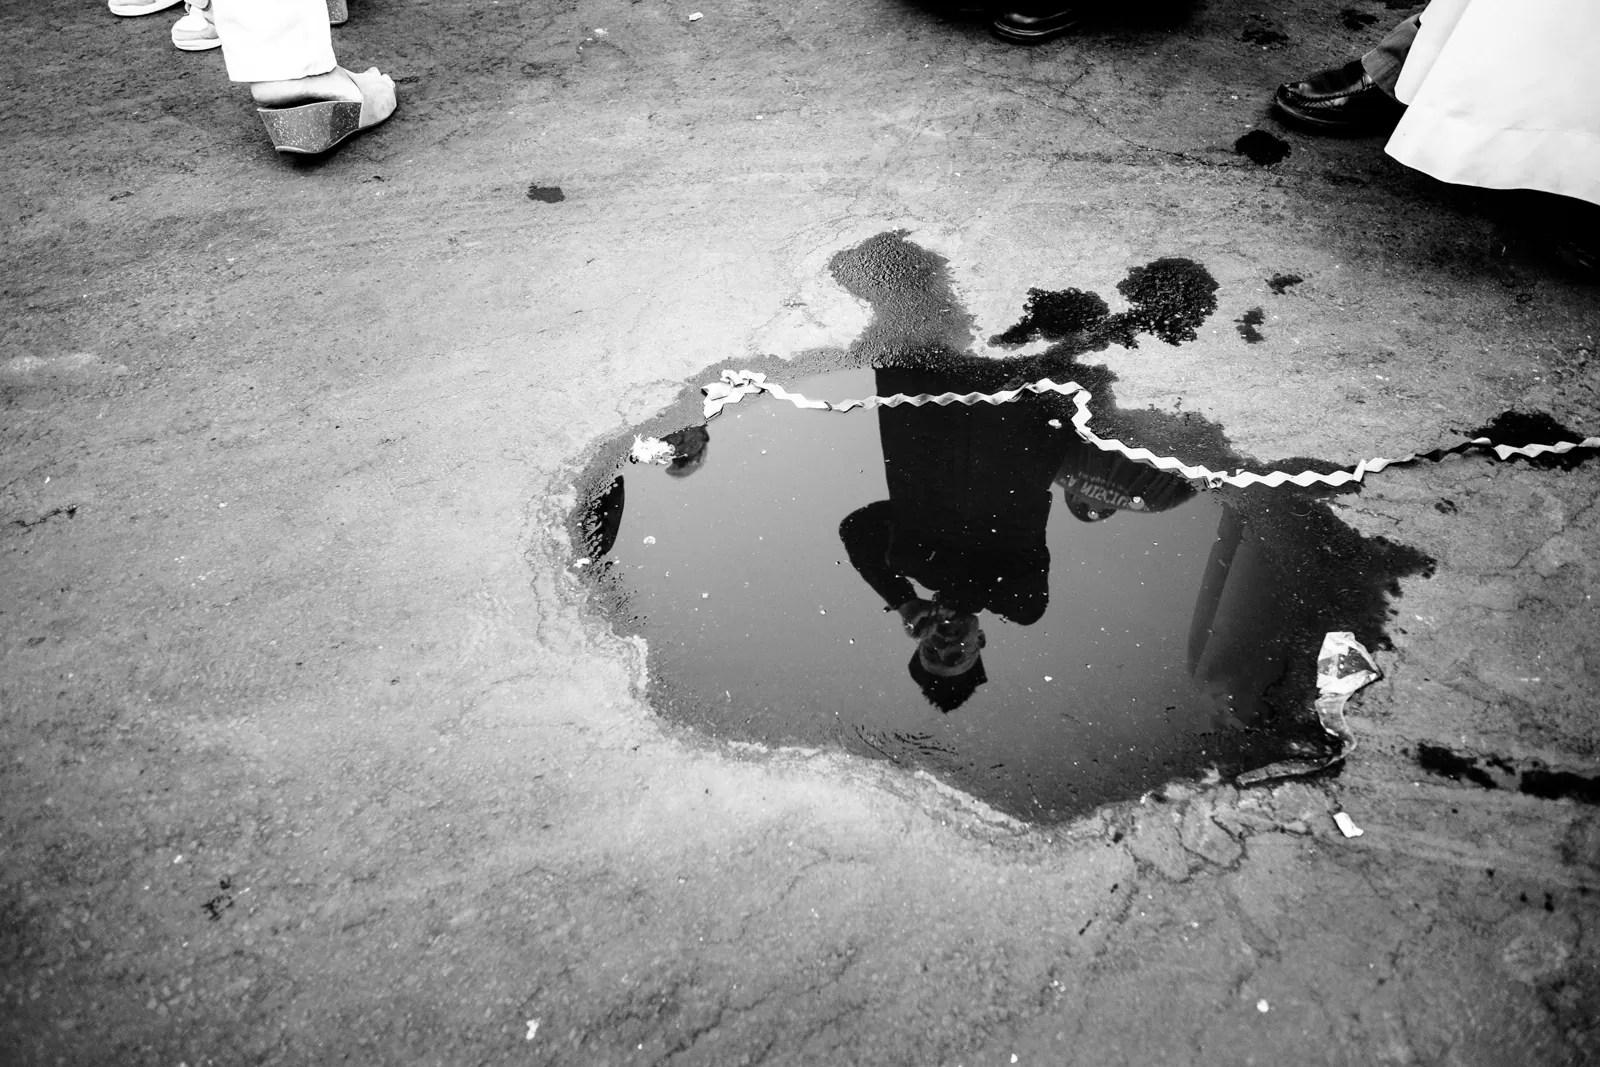 15143397527 e1497f9541 o - Lo spazio negativo in Street Photography - fotostreet.it